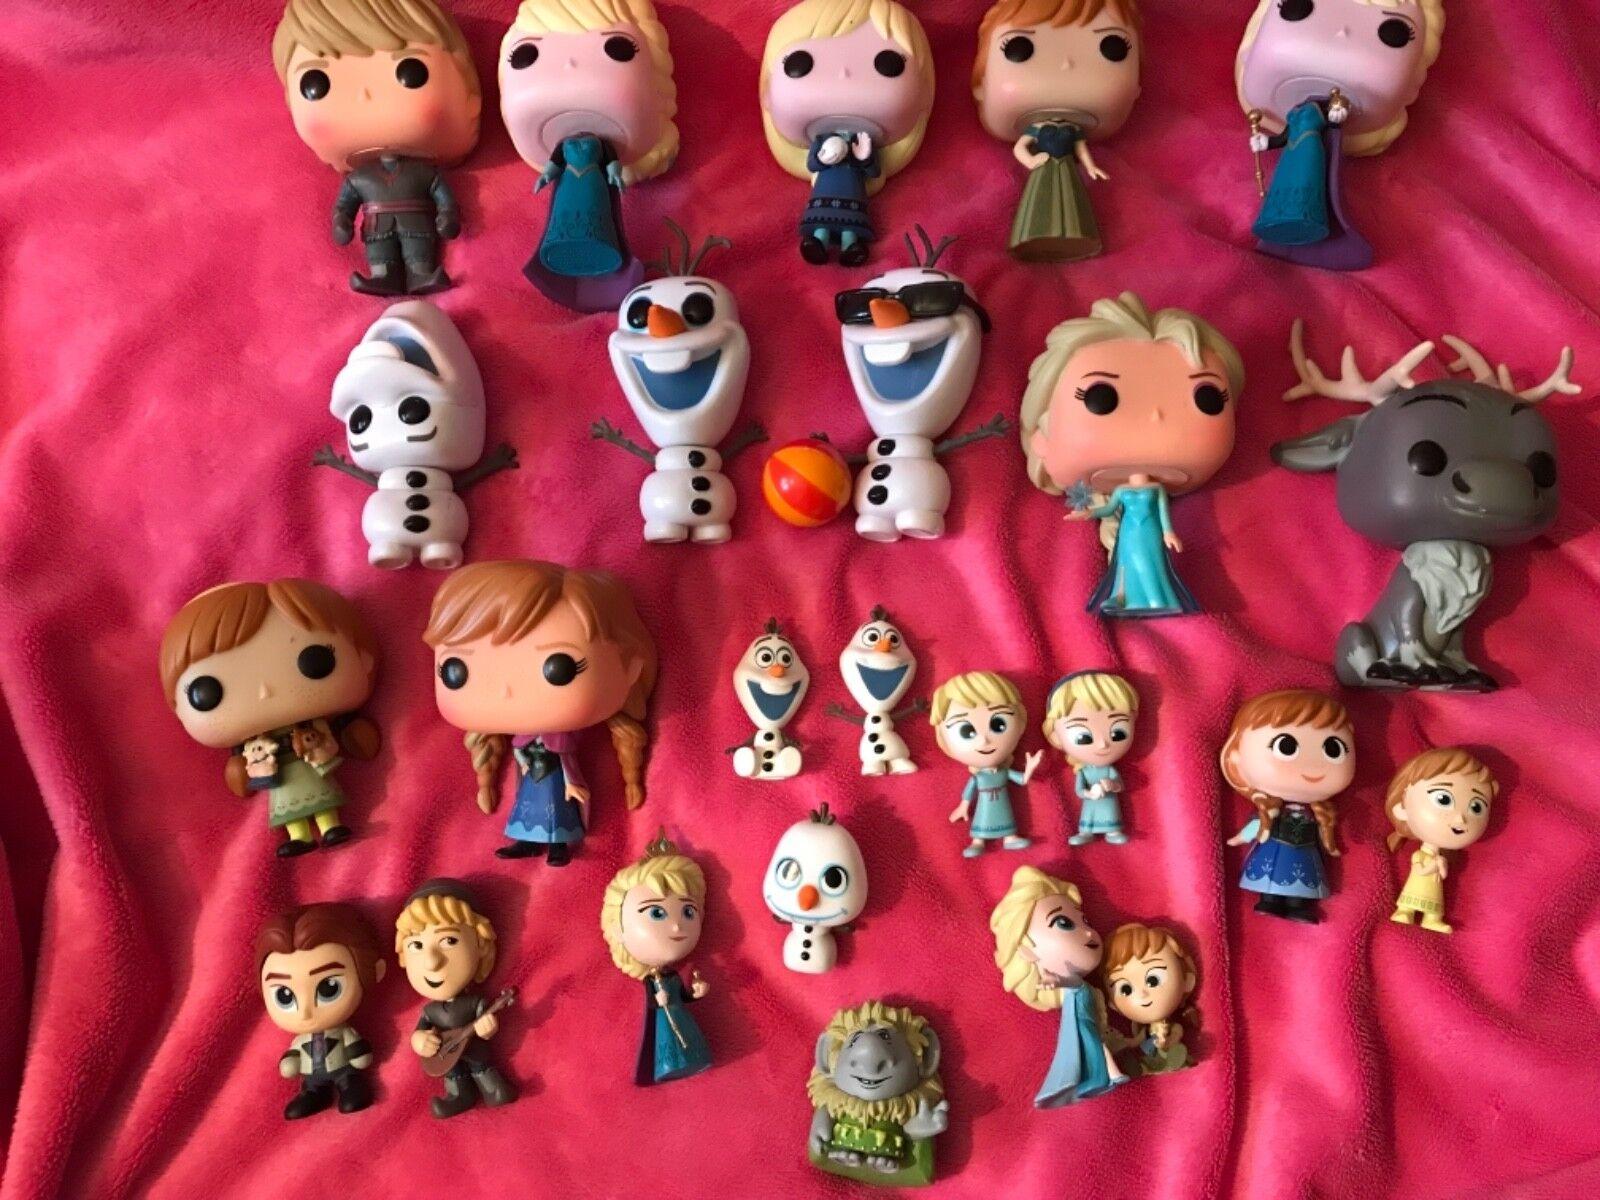 Massive frozen bundle of funko pops & smaller funko figures   just displayed